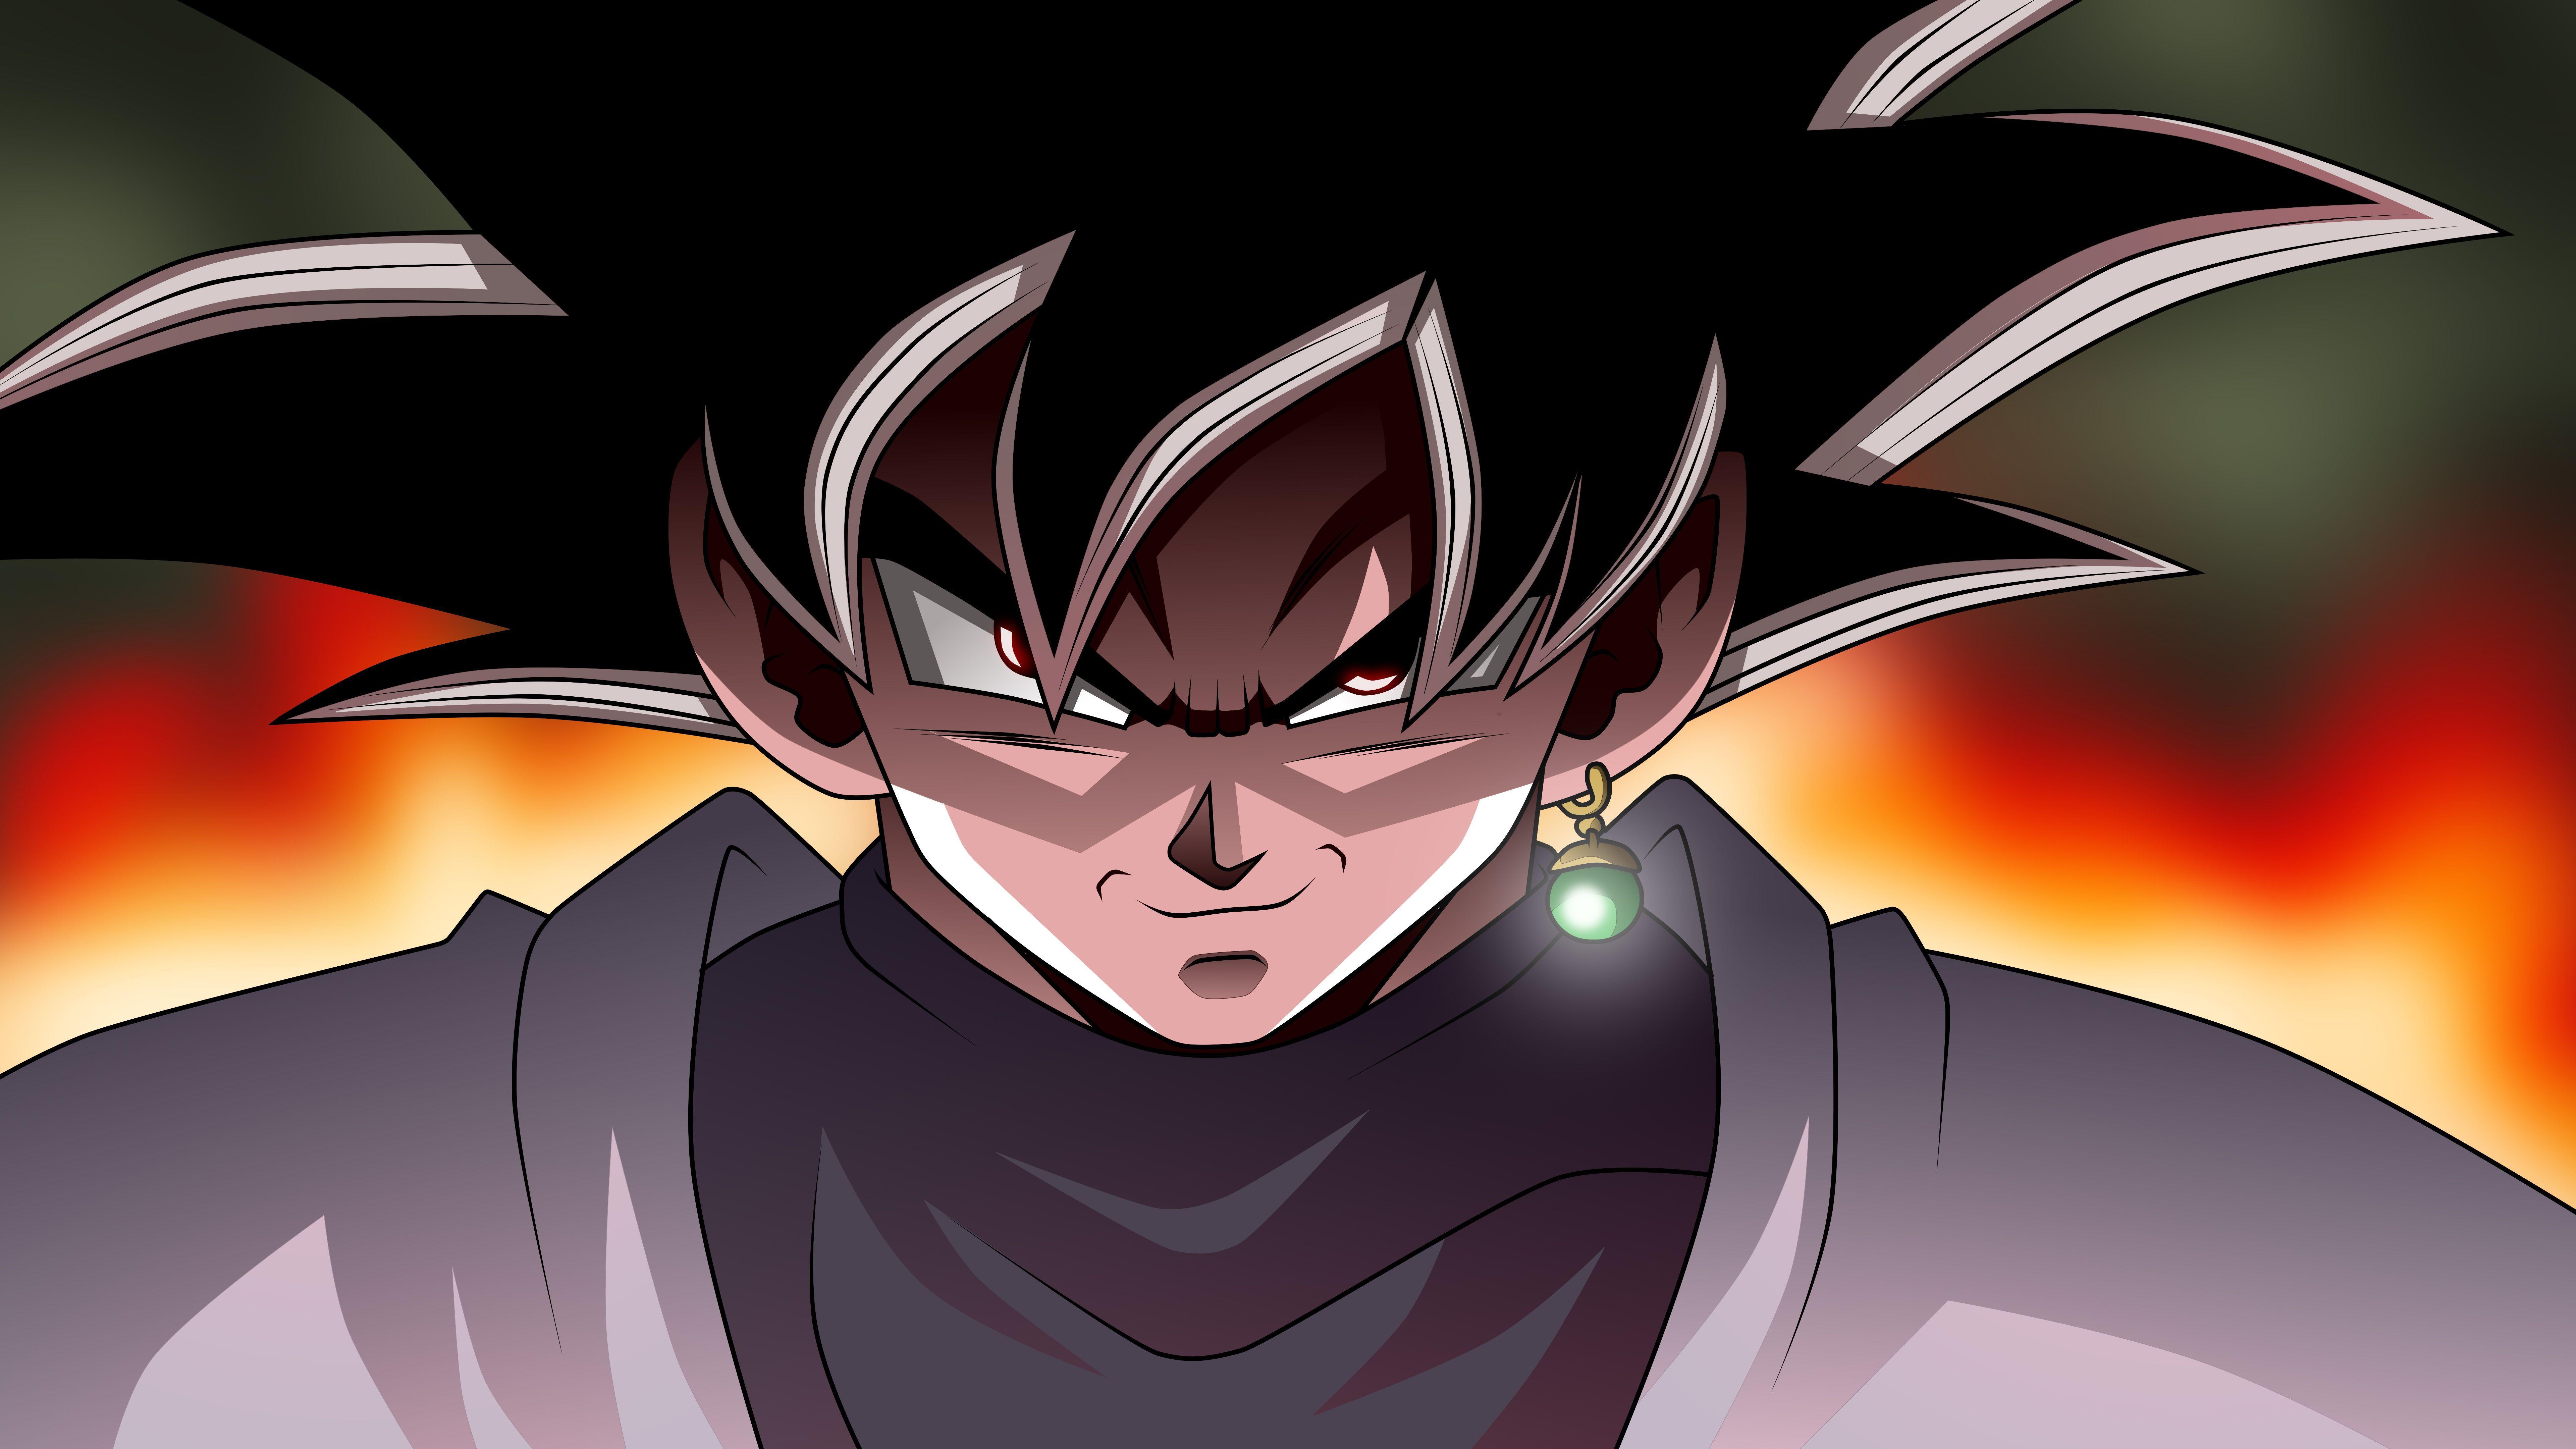 Goku Black Wallpapers Top Free Goku Black Backgrounds Wallpaperaccess